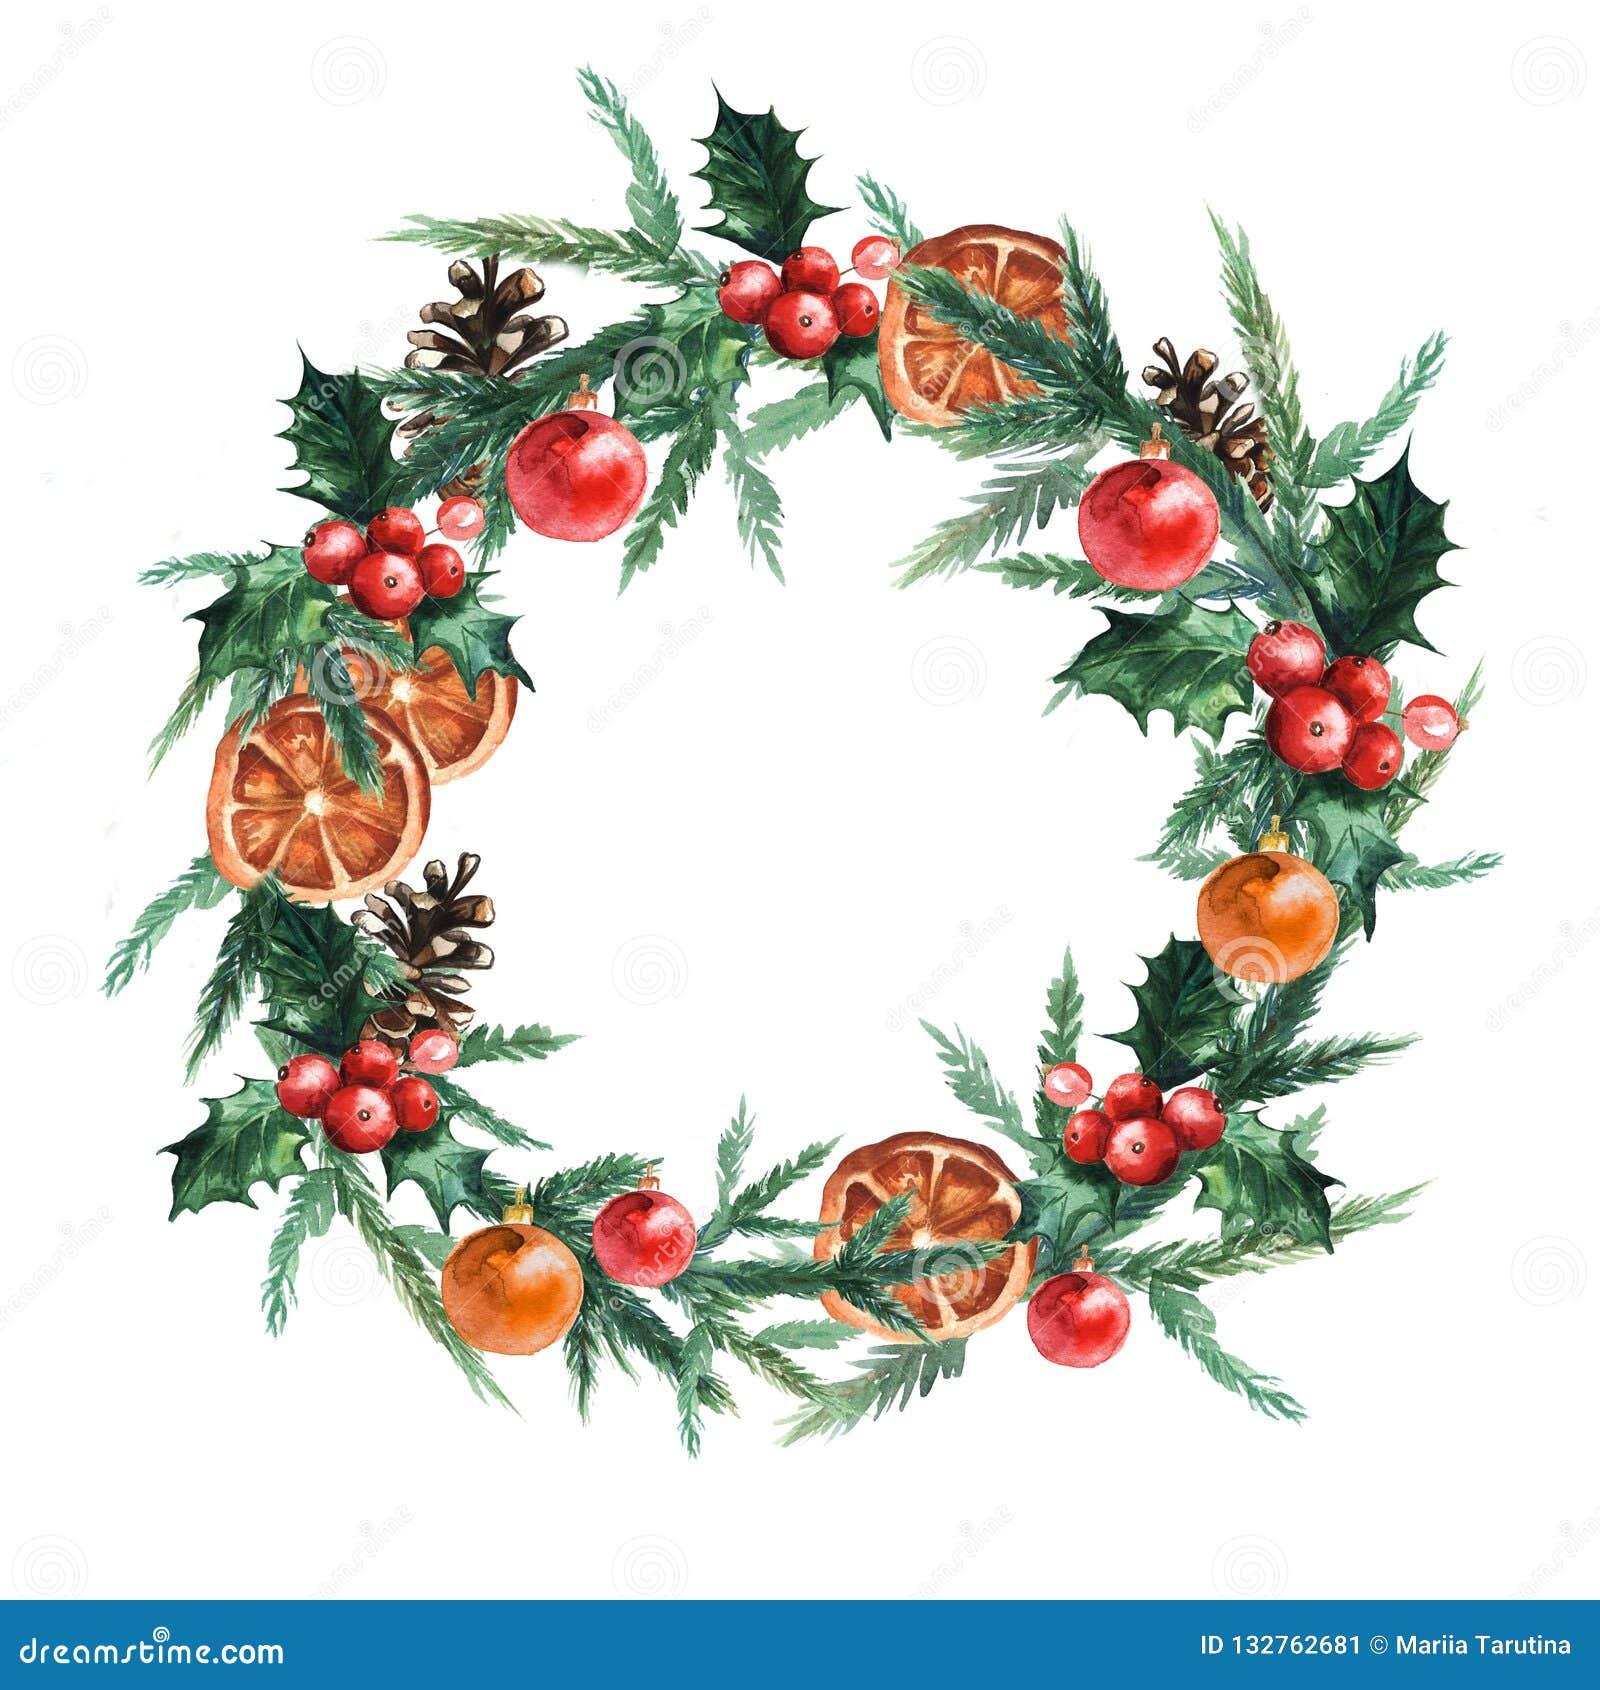 De kroon van waterverfkerstmis met Kerstmisballen, pinecone, misletoe, sinaasappelen en takken van Kerstbomen